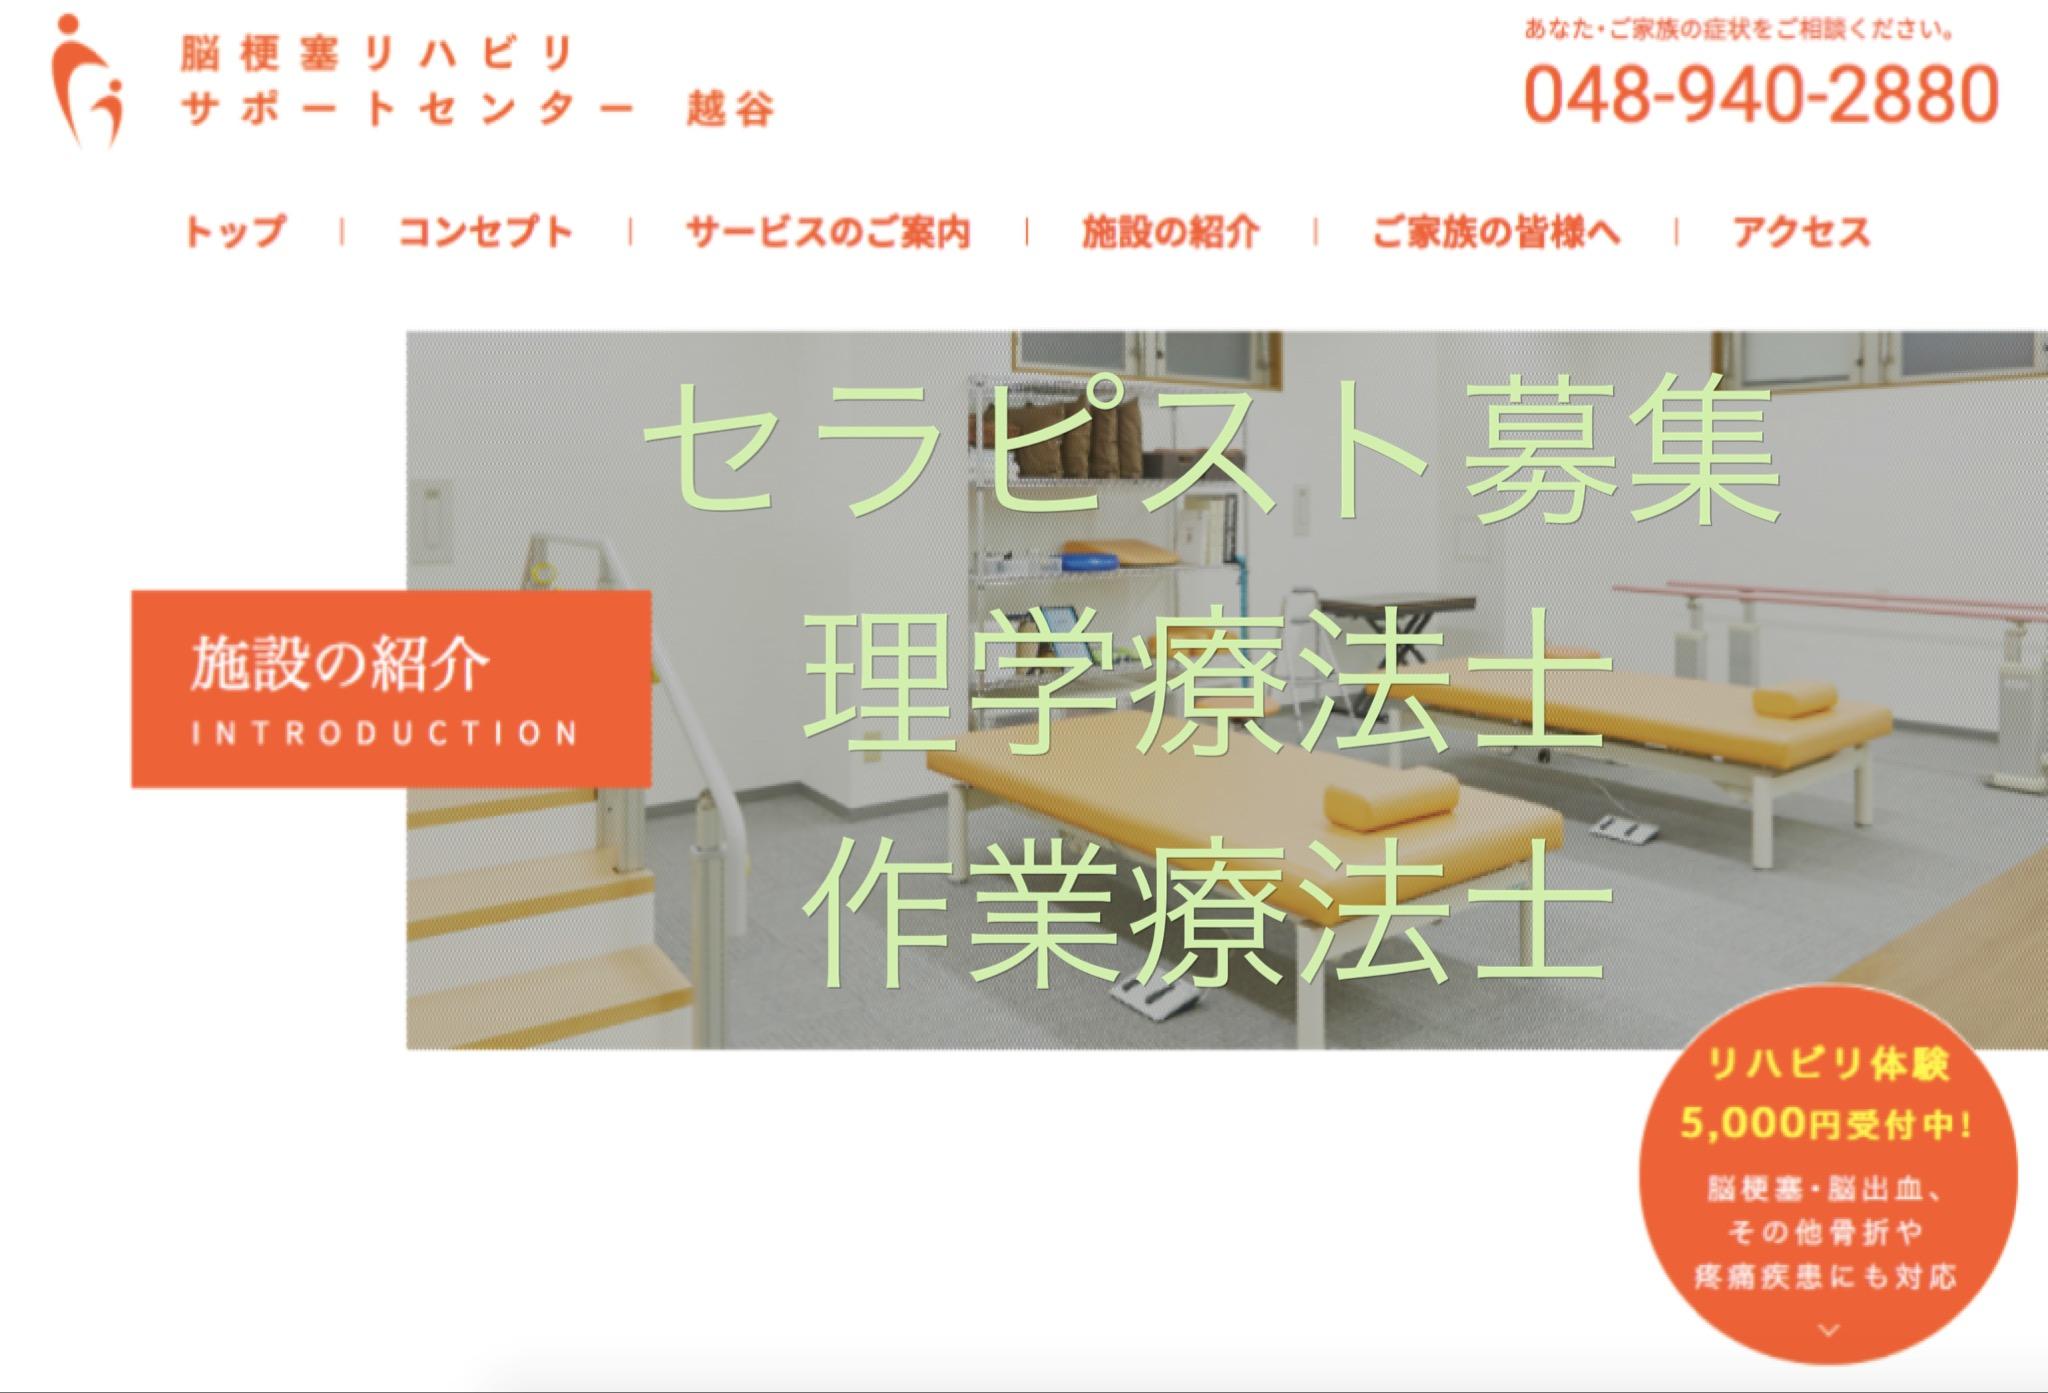 脳梗塞リハビリサポートセンター越谷・川口 セラピスト募集!